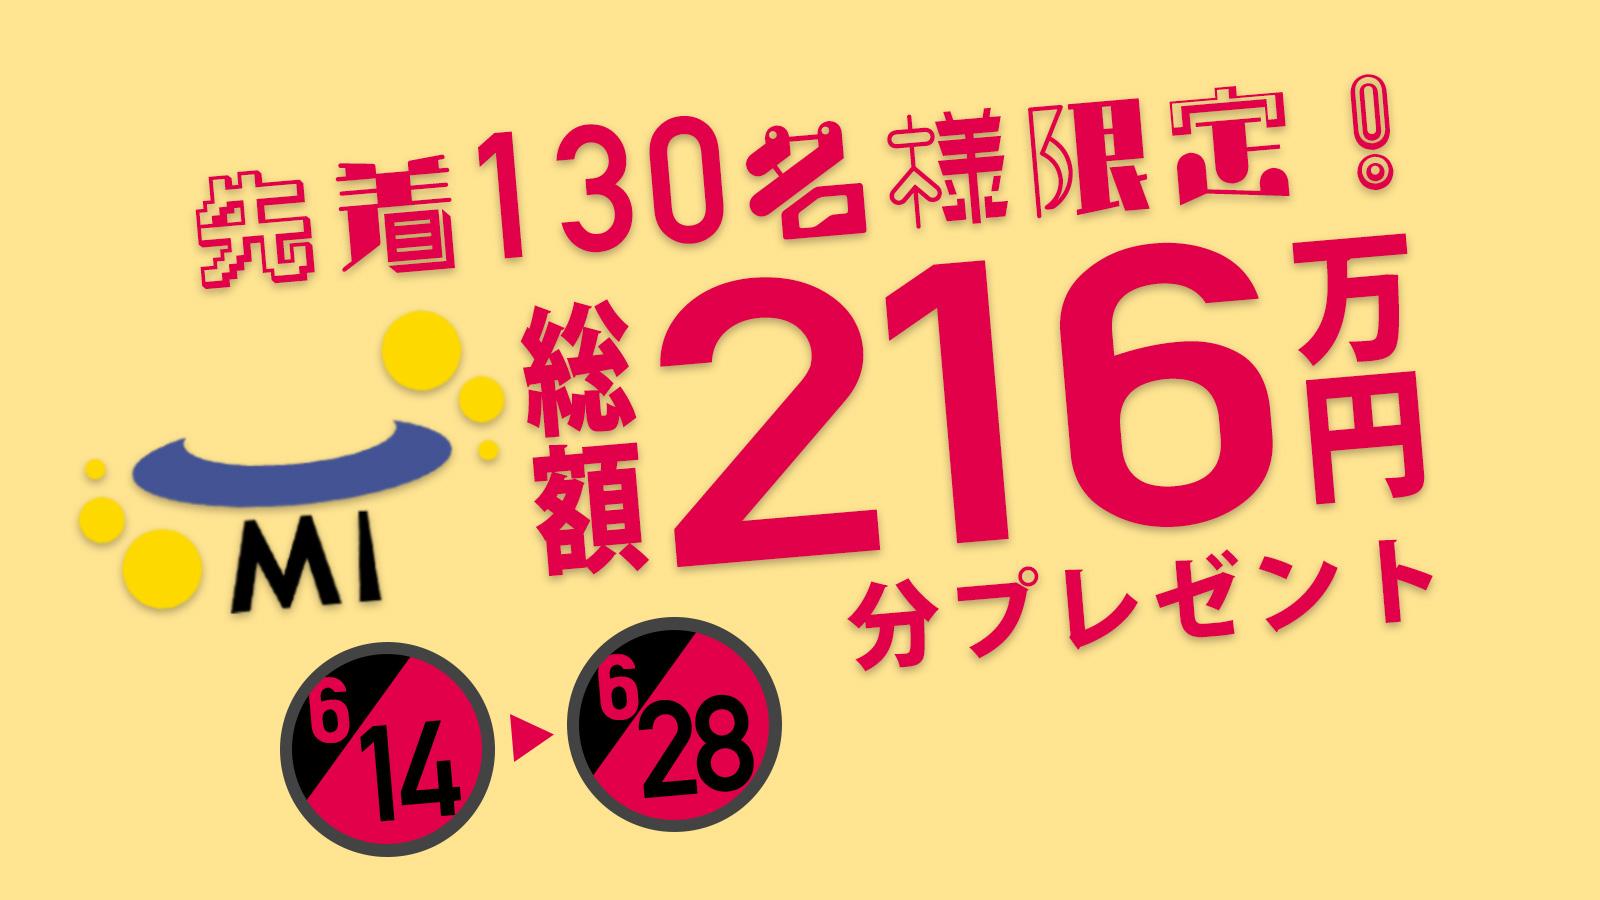 先着130名様に、総額216万円分プレゼント!<br>MIストア まとめ買いクーポンキャンペーン